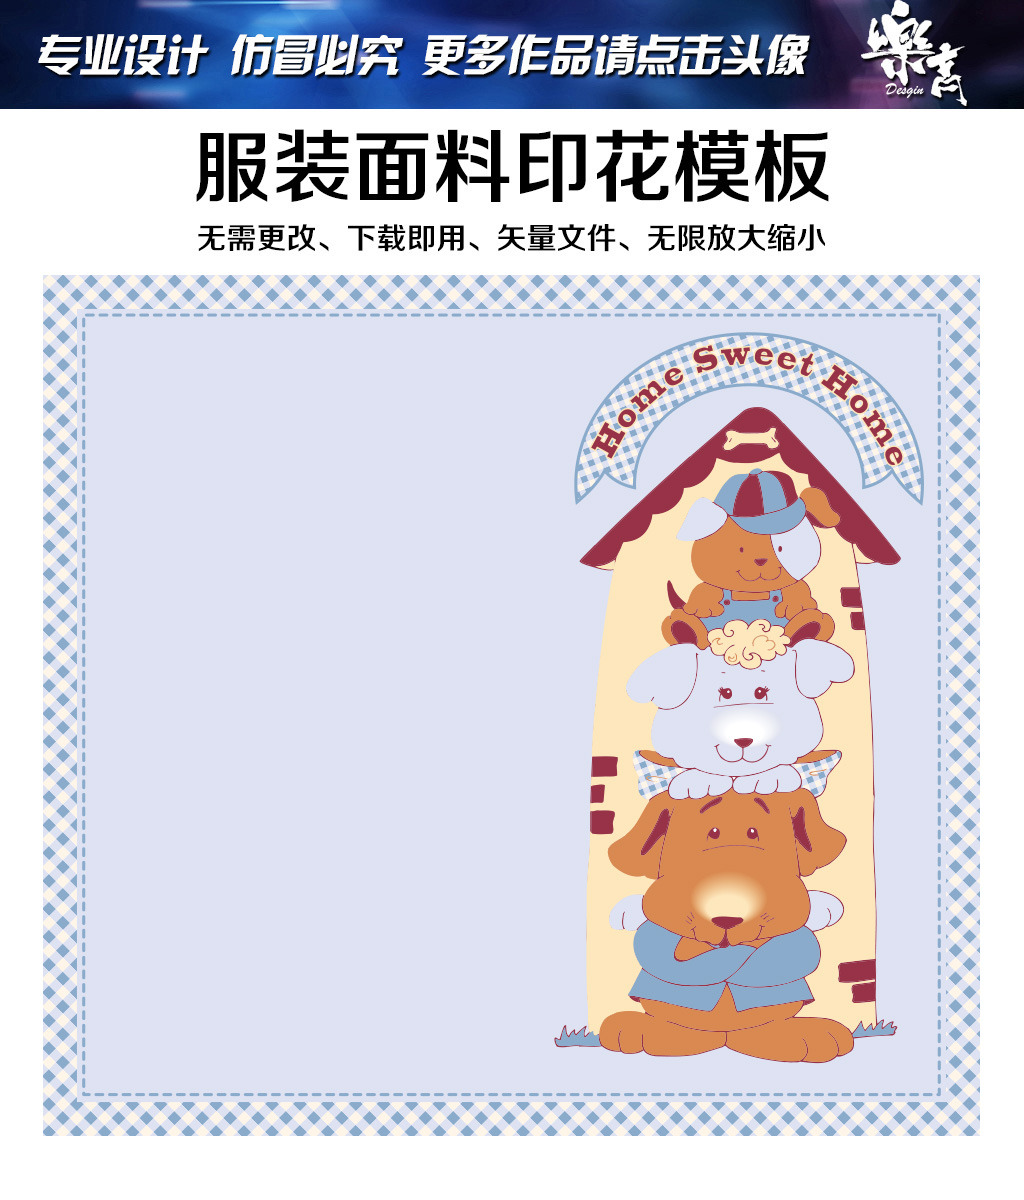 童装印花图案模板 童装印花图案卡通素材 矢量图 小熊 北极熊 犀牛